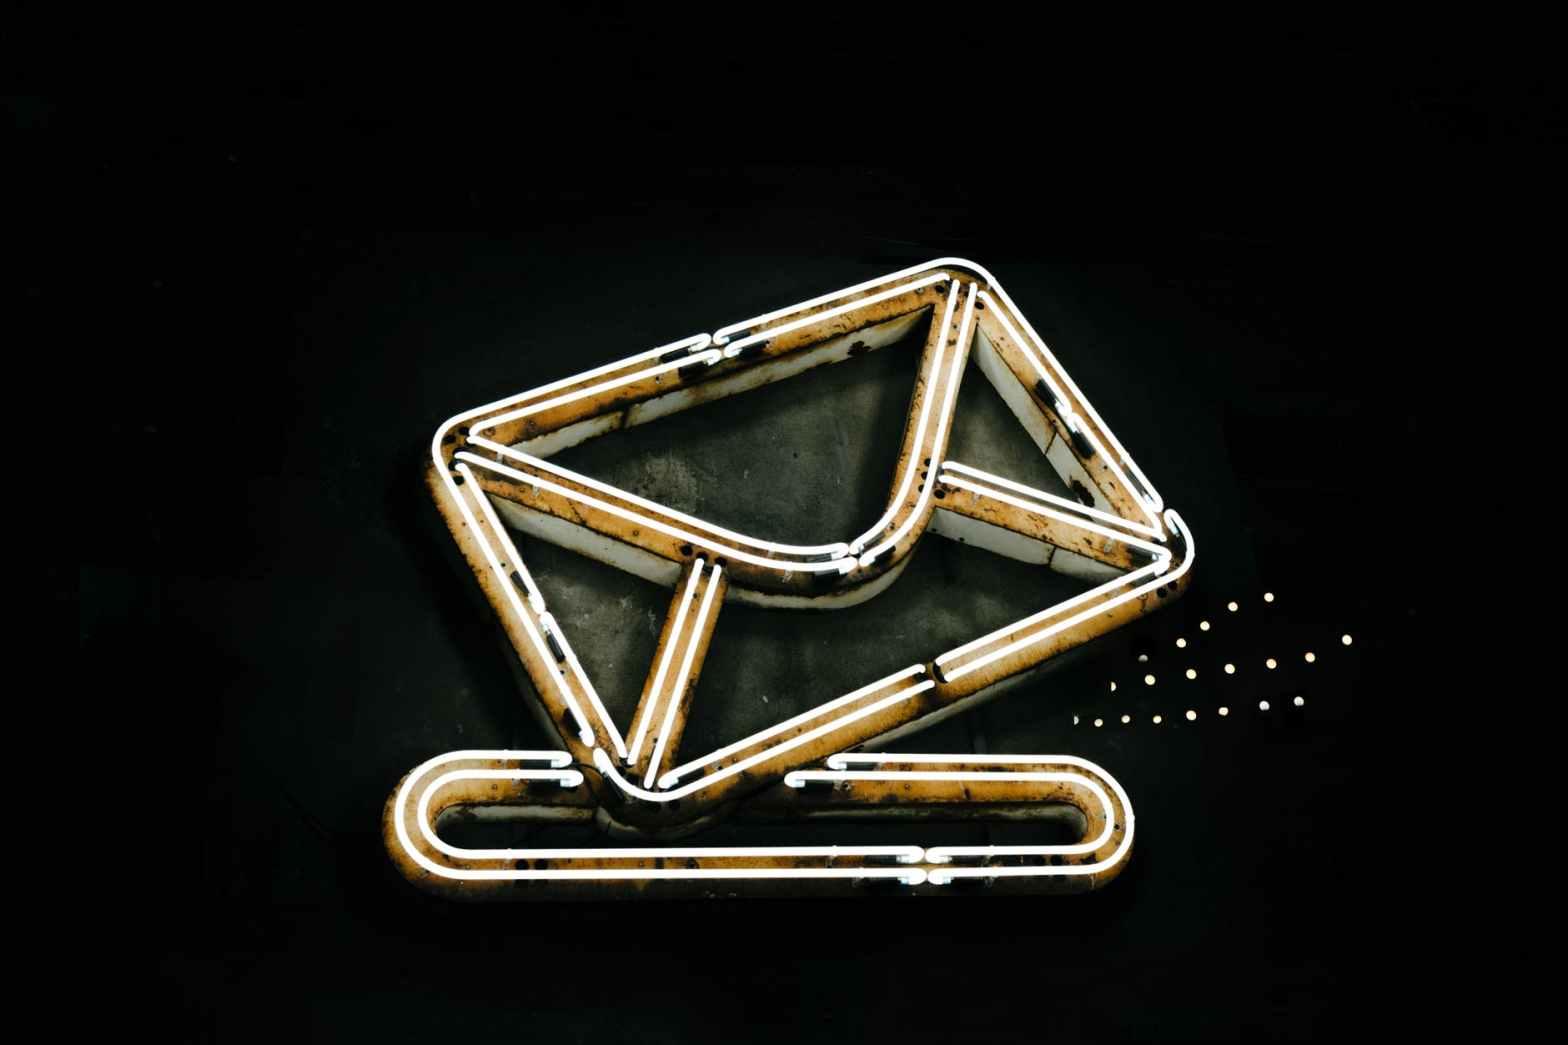 gold letter y on black background